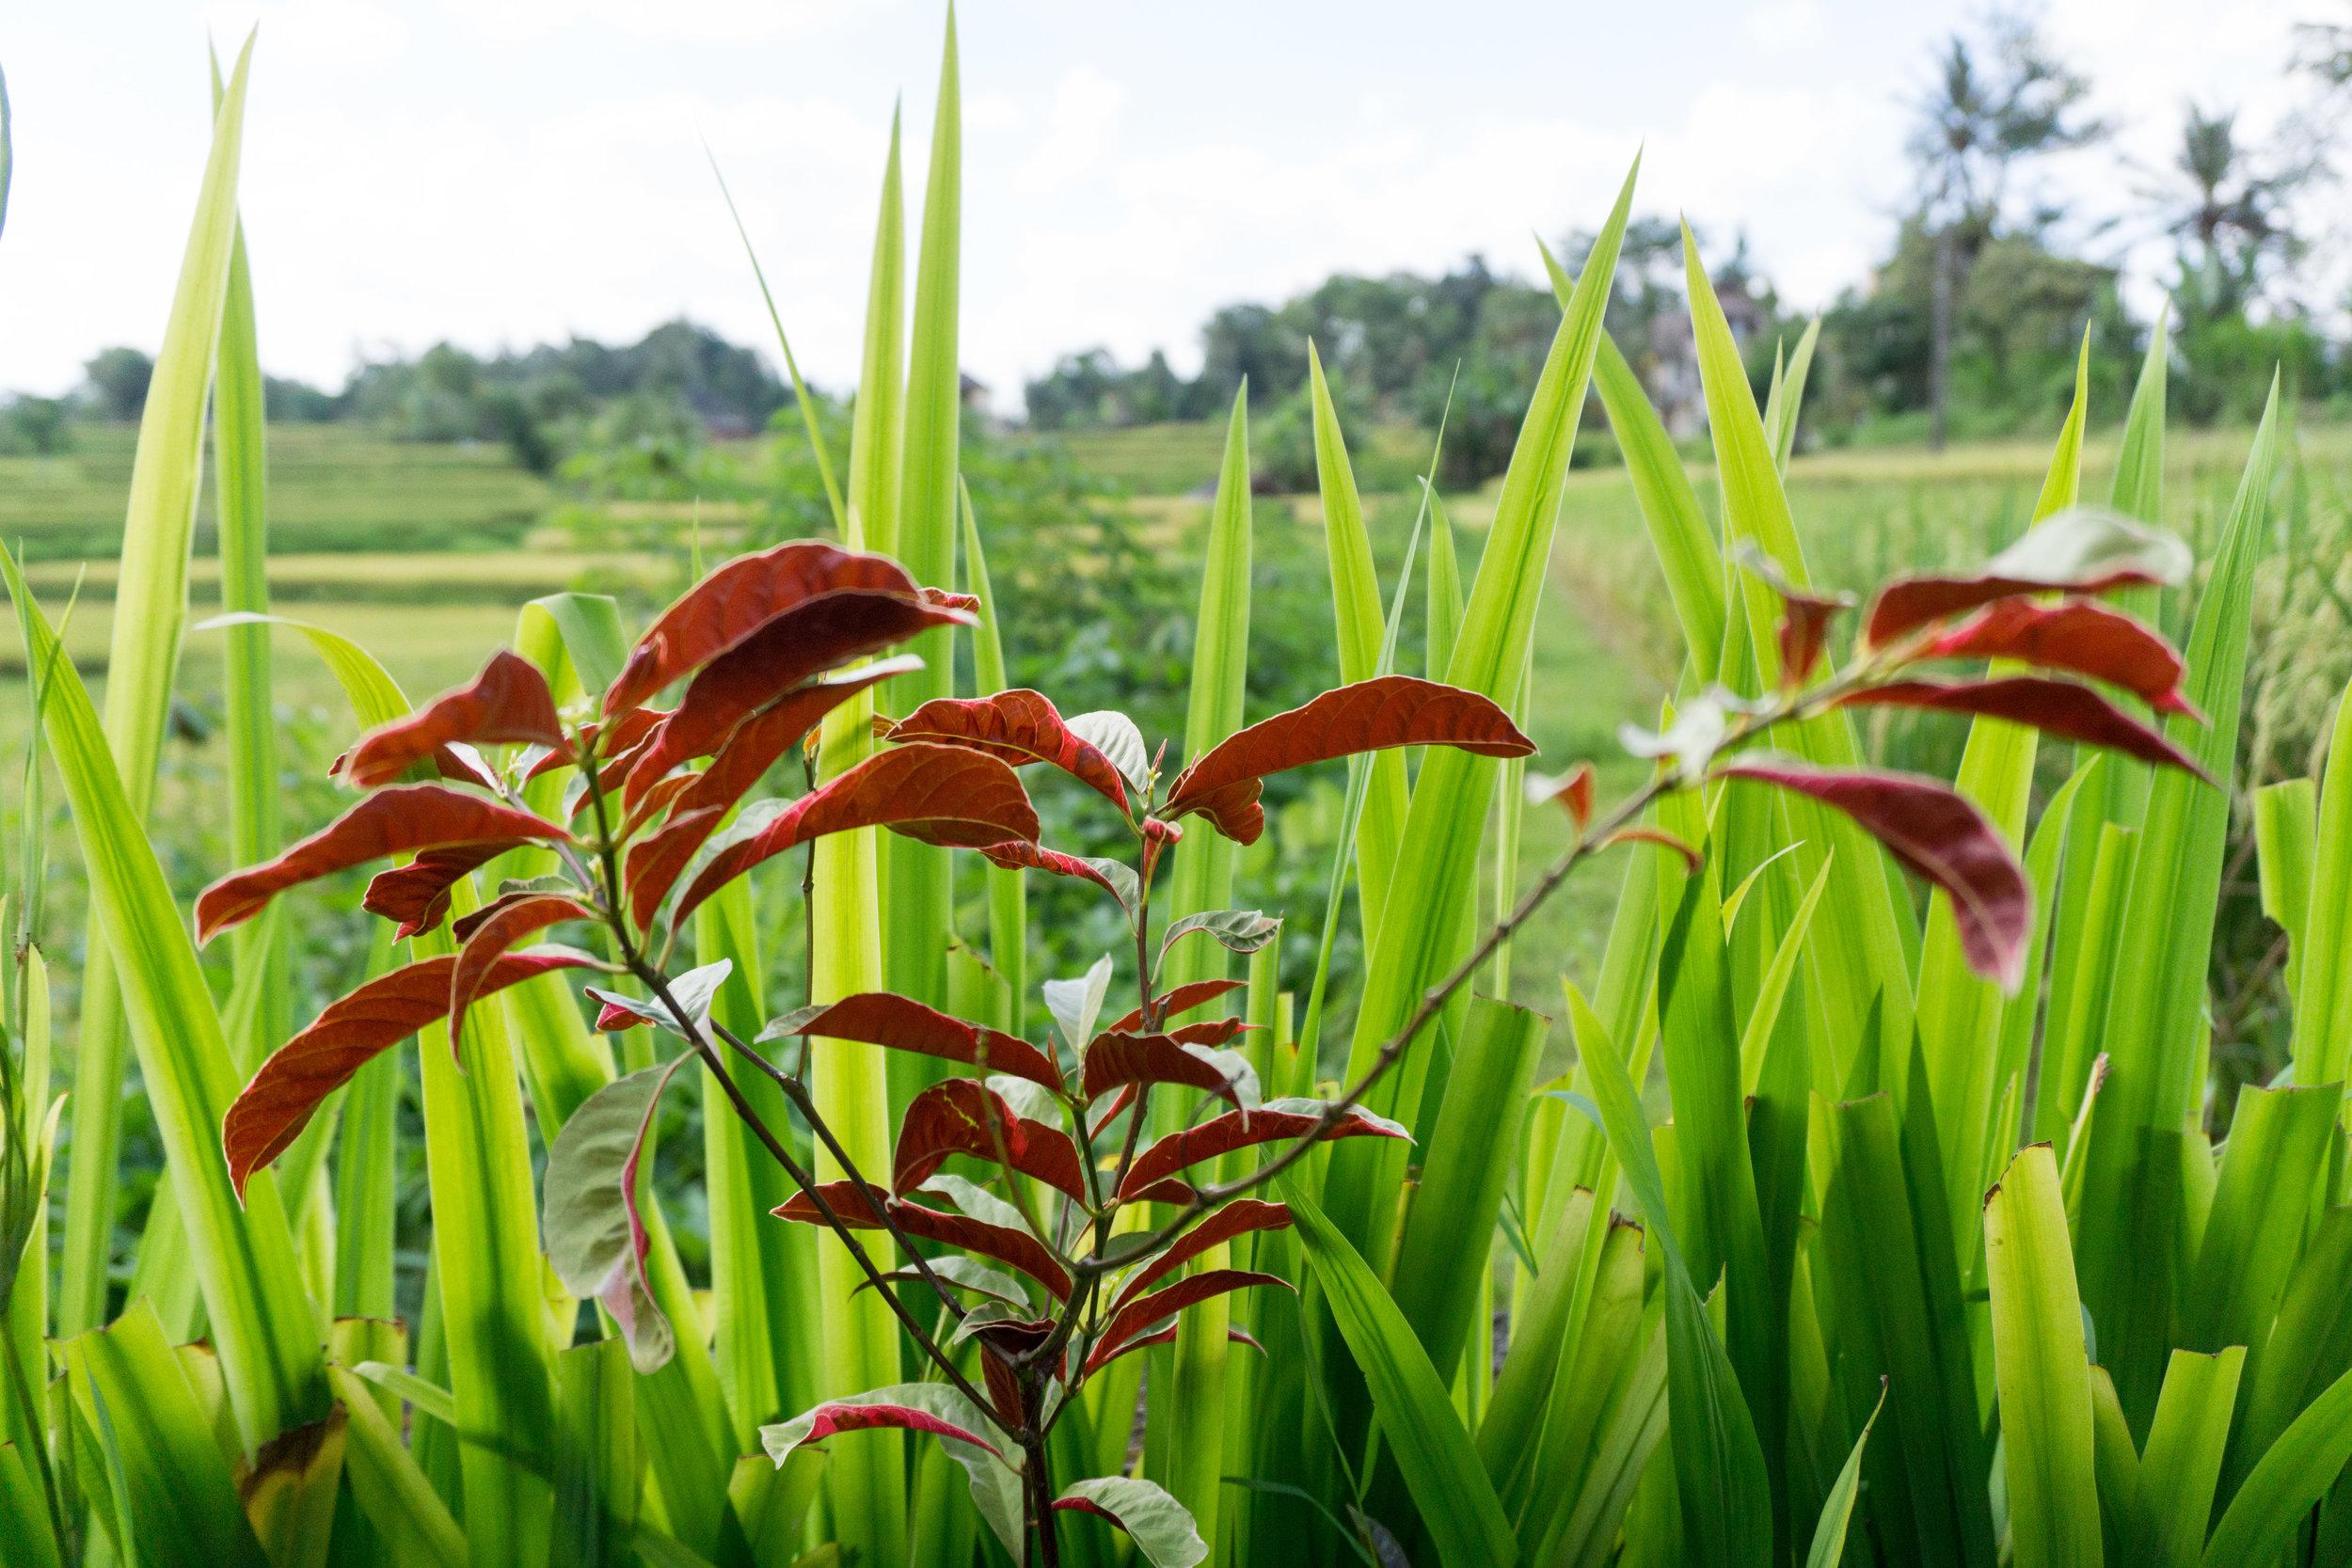 Amongst the rice paddies